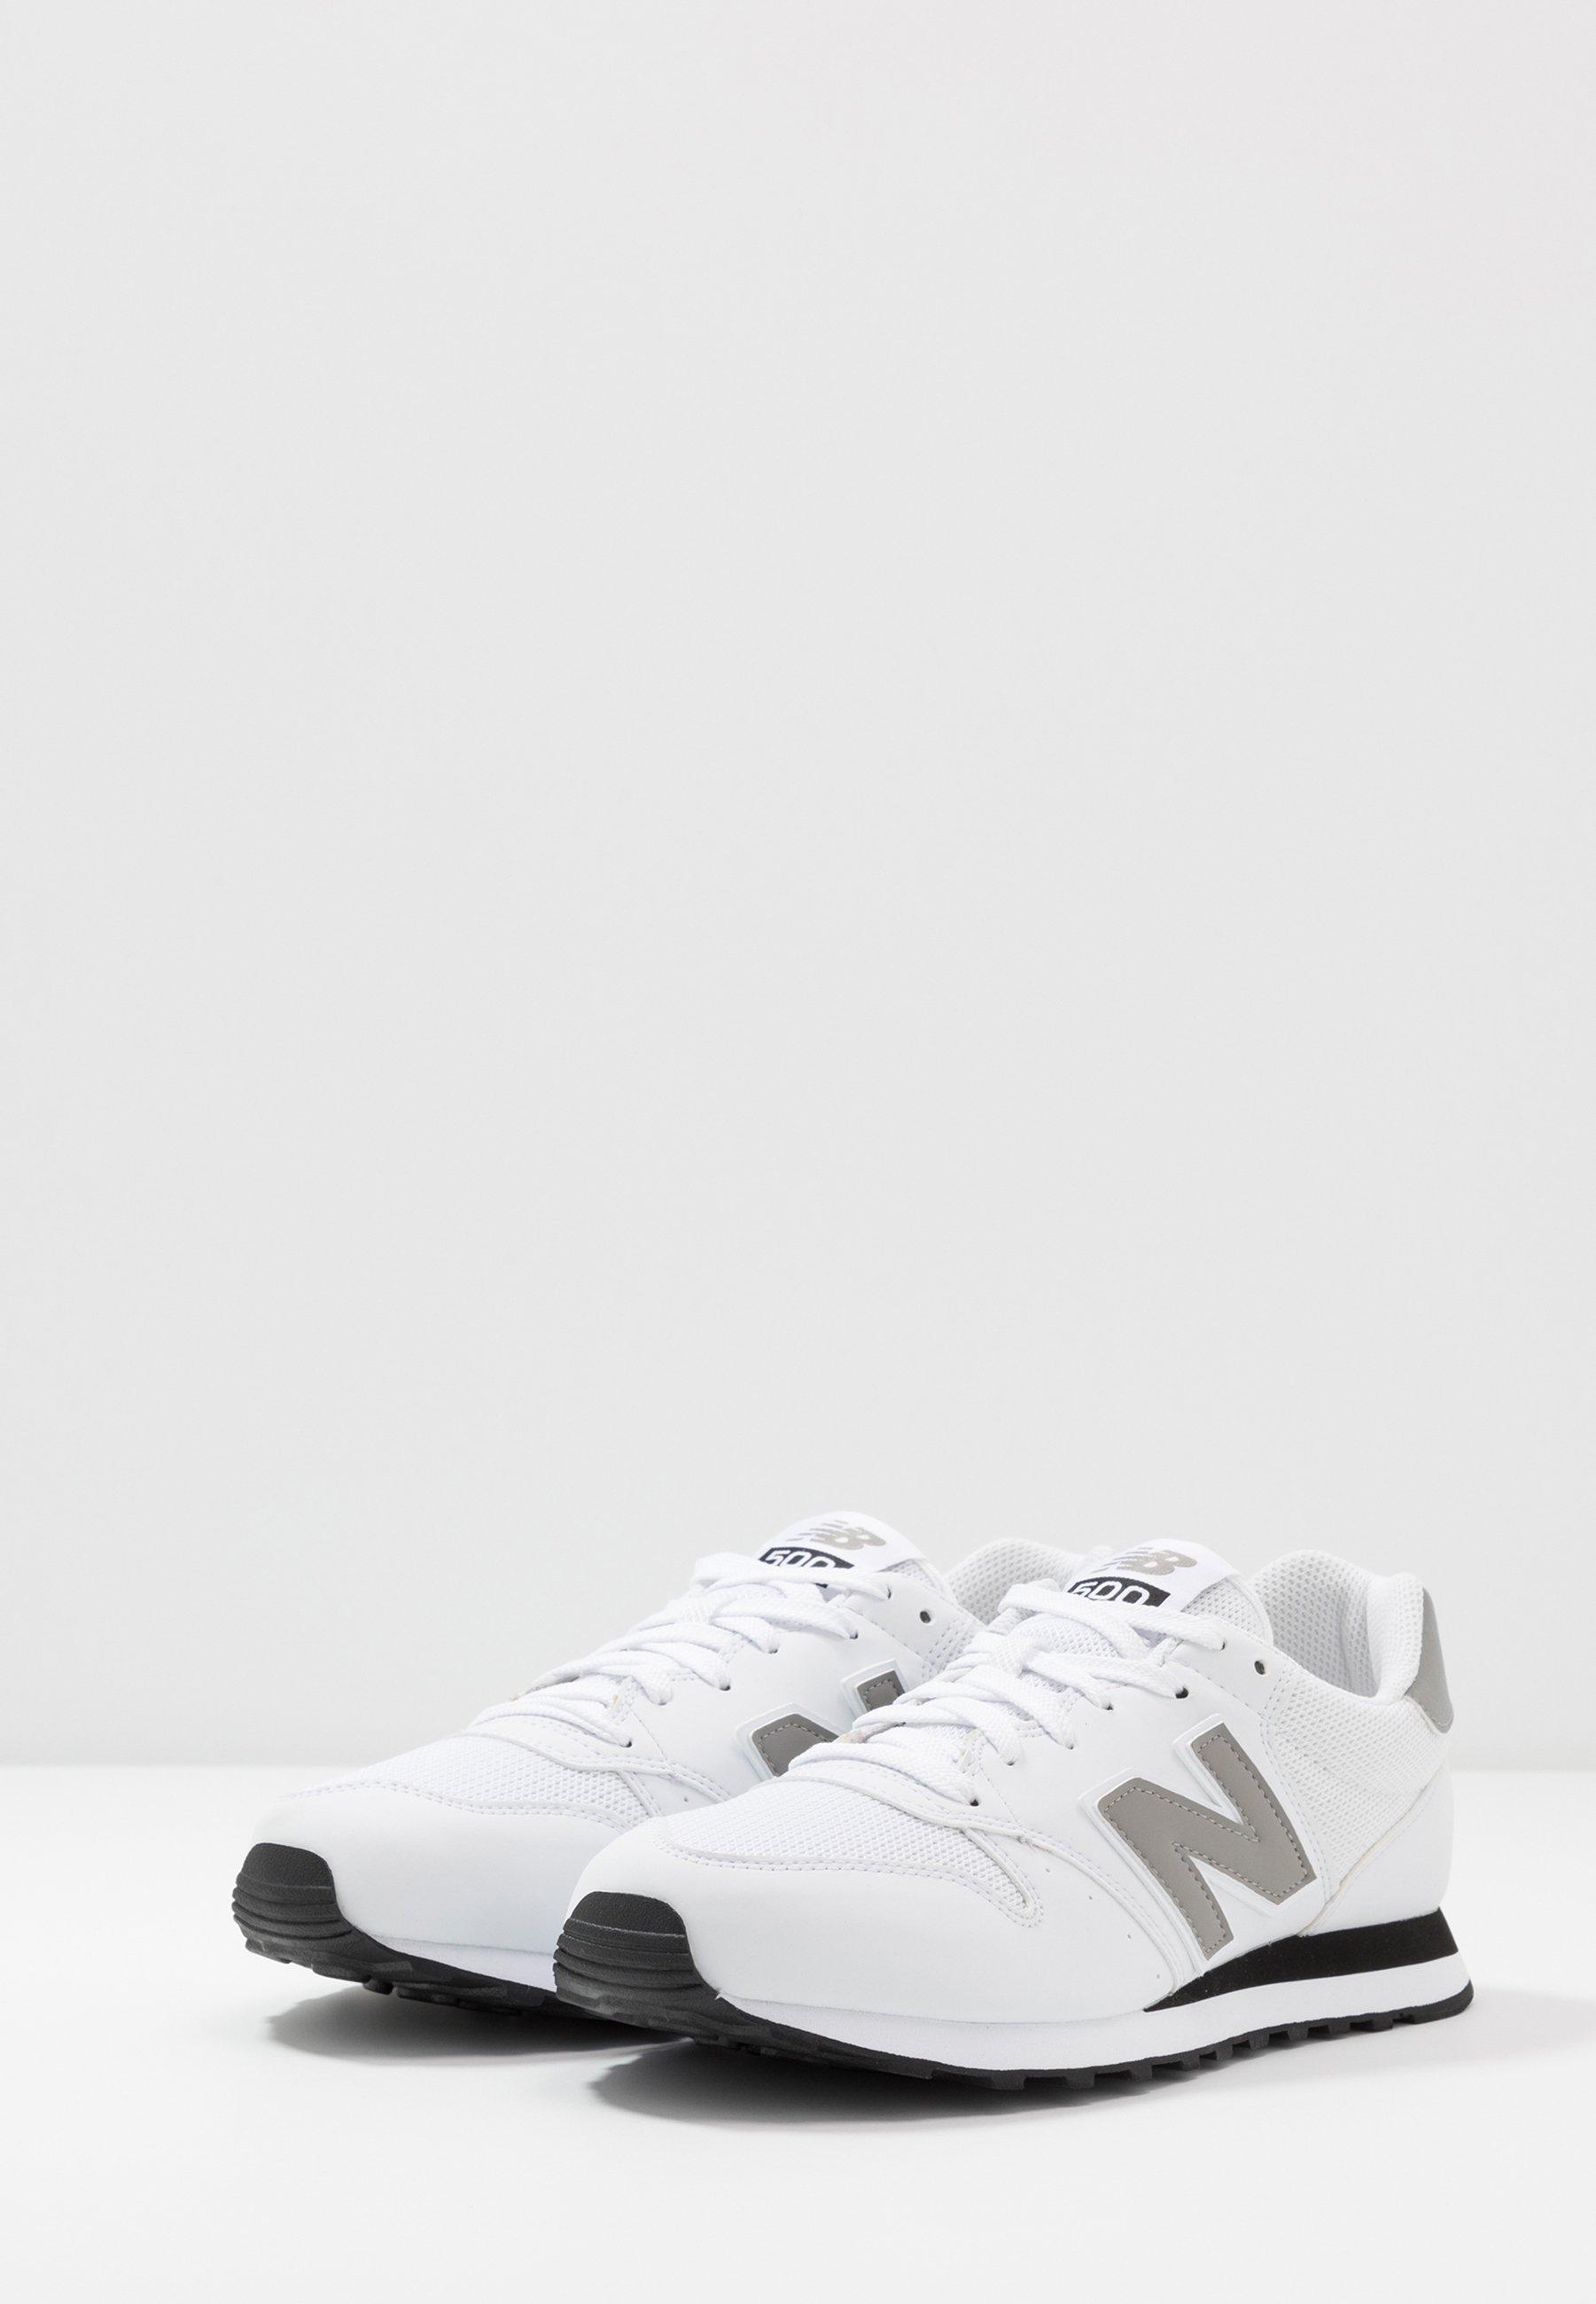 New Balance 500 - Sneakers basse - white/bianco - Zalando.it